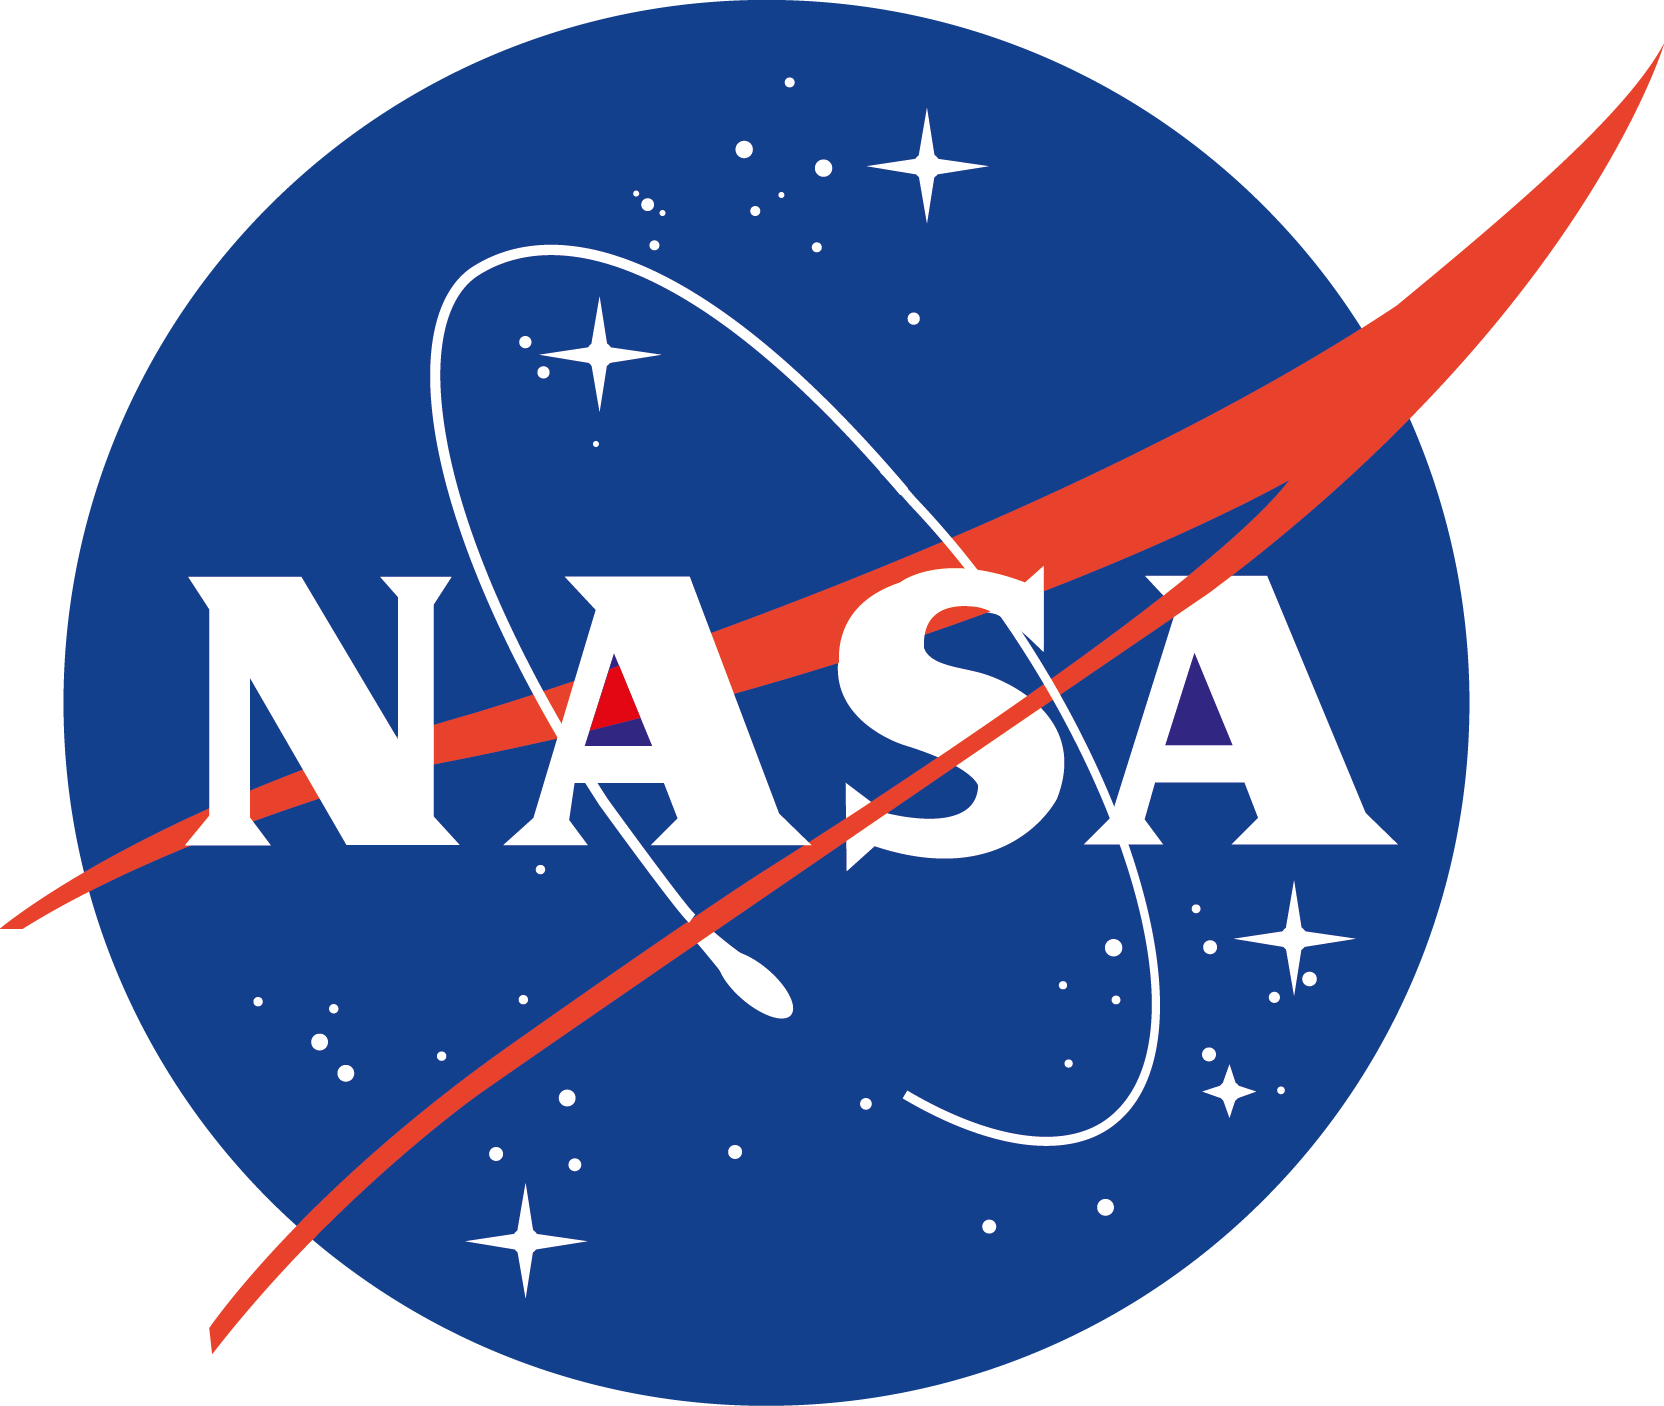 nasa-logo - Nasa Logo PNG